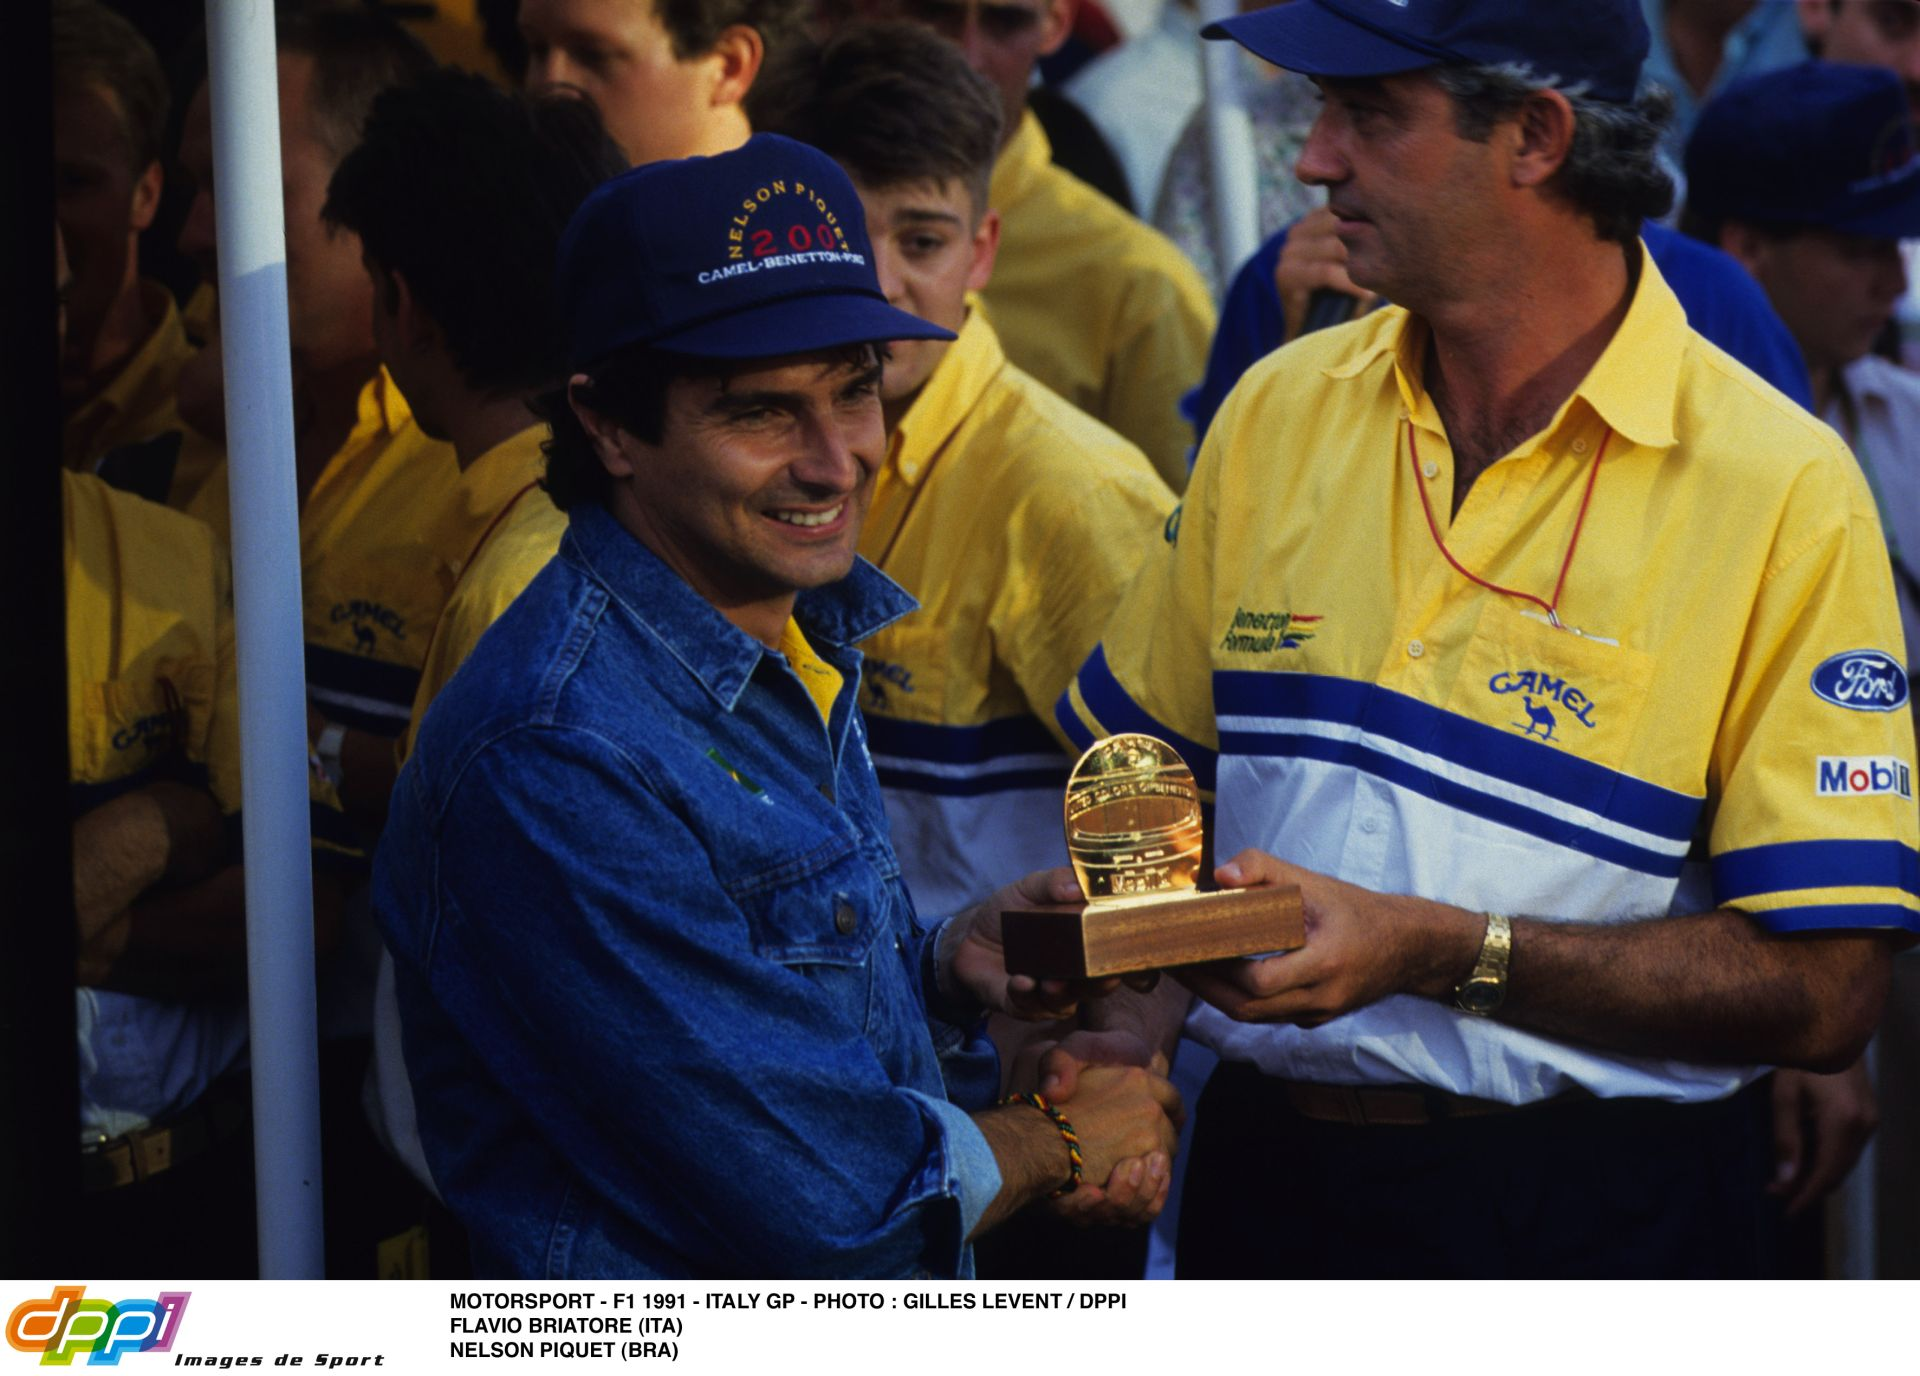 Ezen a napon vonult vissza Nelson Piquet a Forma-1-ből: Senna nyerte meg minden idők legrövidebb F1-es futamát